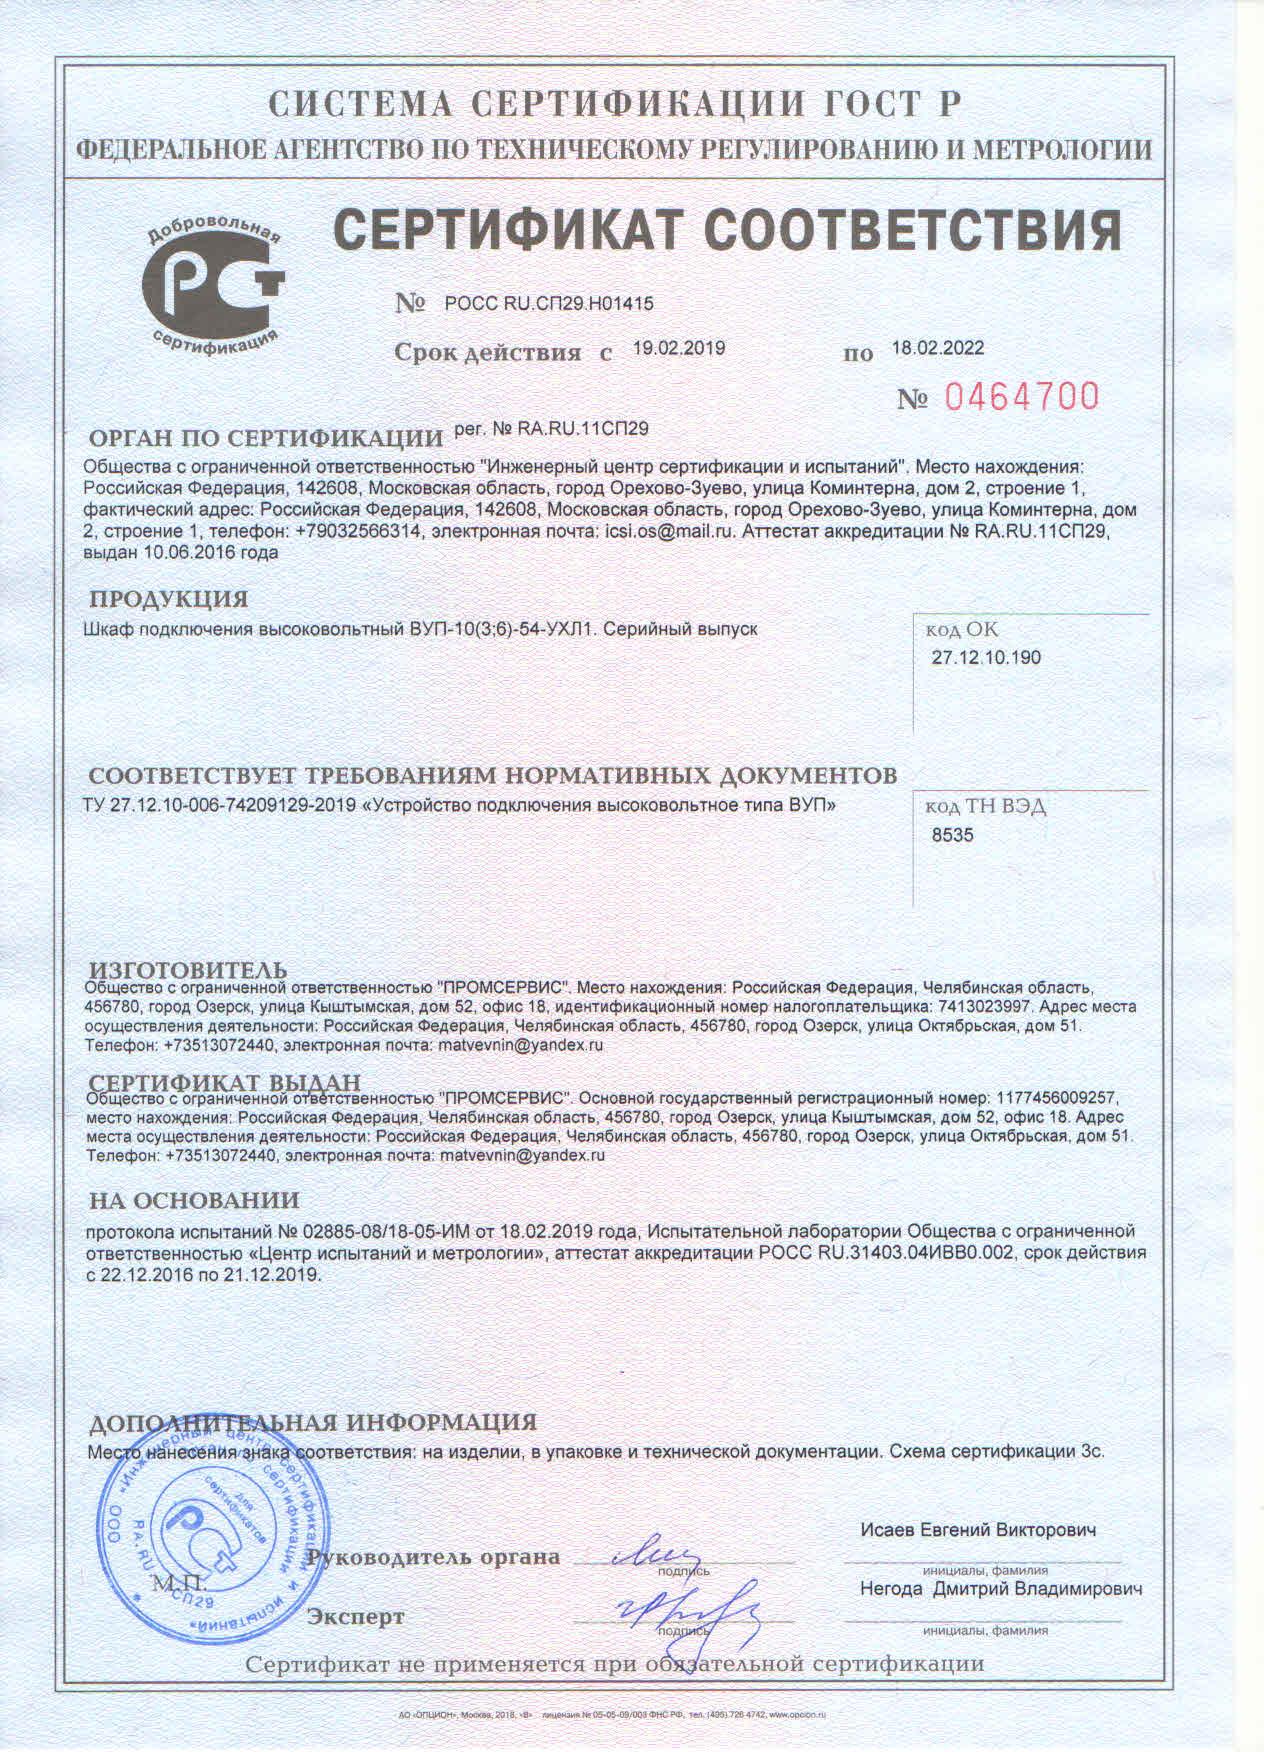 Сертификат соответствия (ГОСТ)